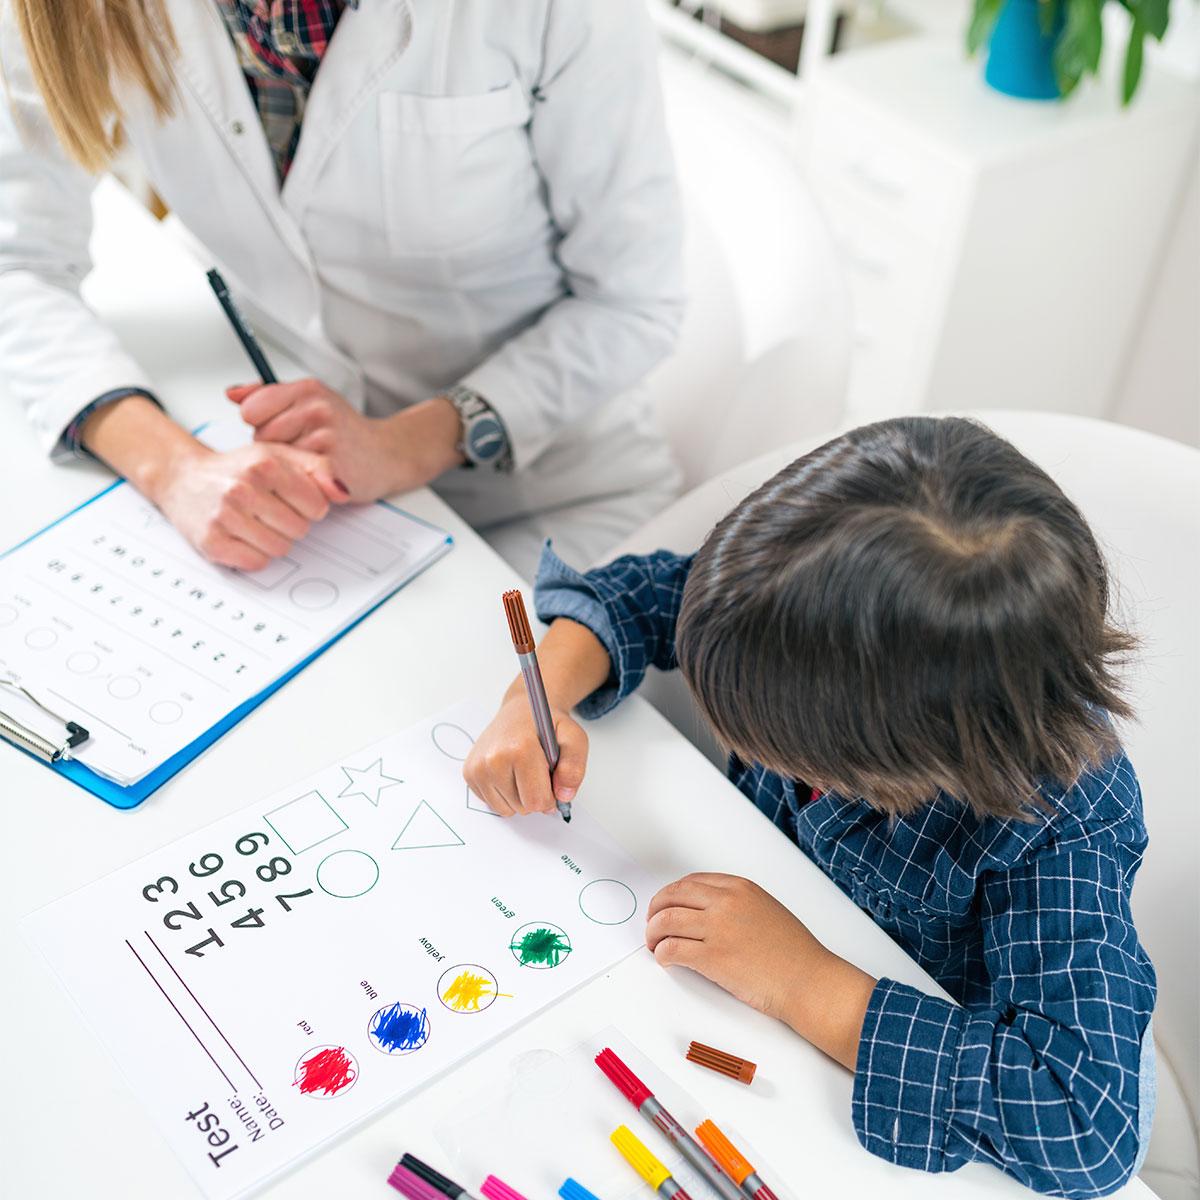 Psicología para trastornos de conductas en niños en El Campello, Alicante